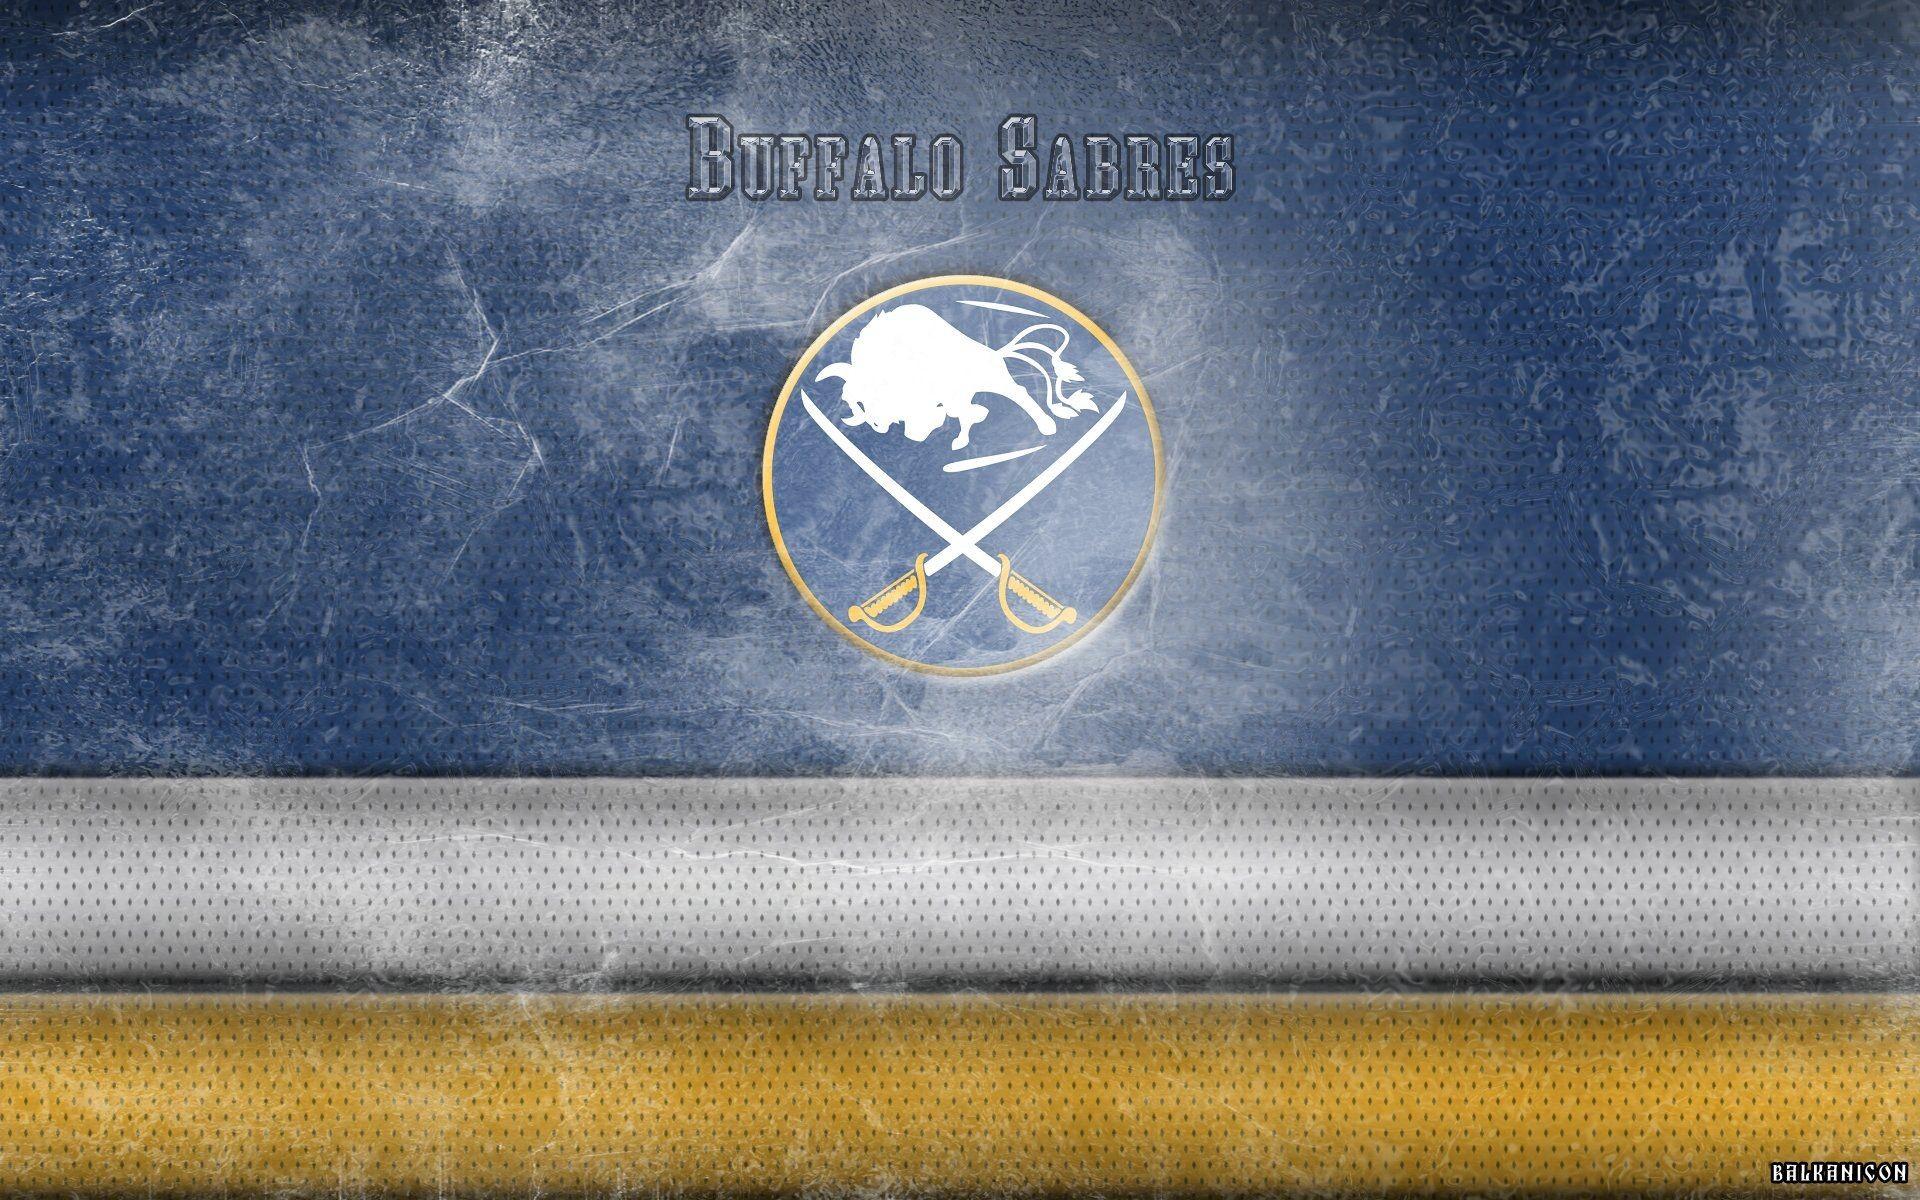 BUFFALO SABRES nhl hockey (74) wallpaper